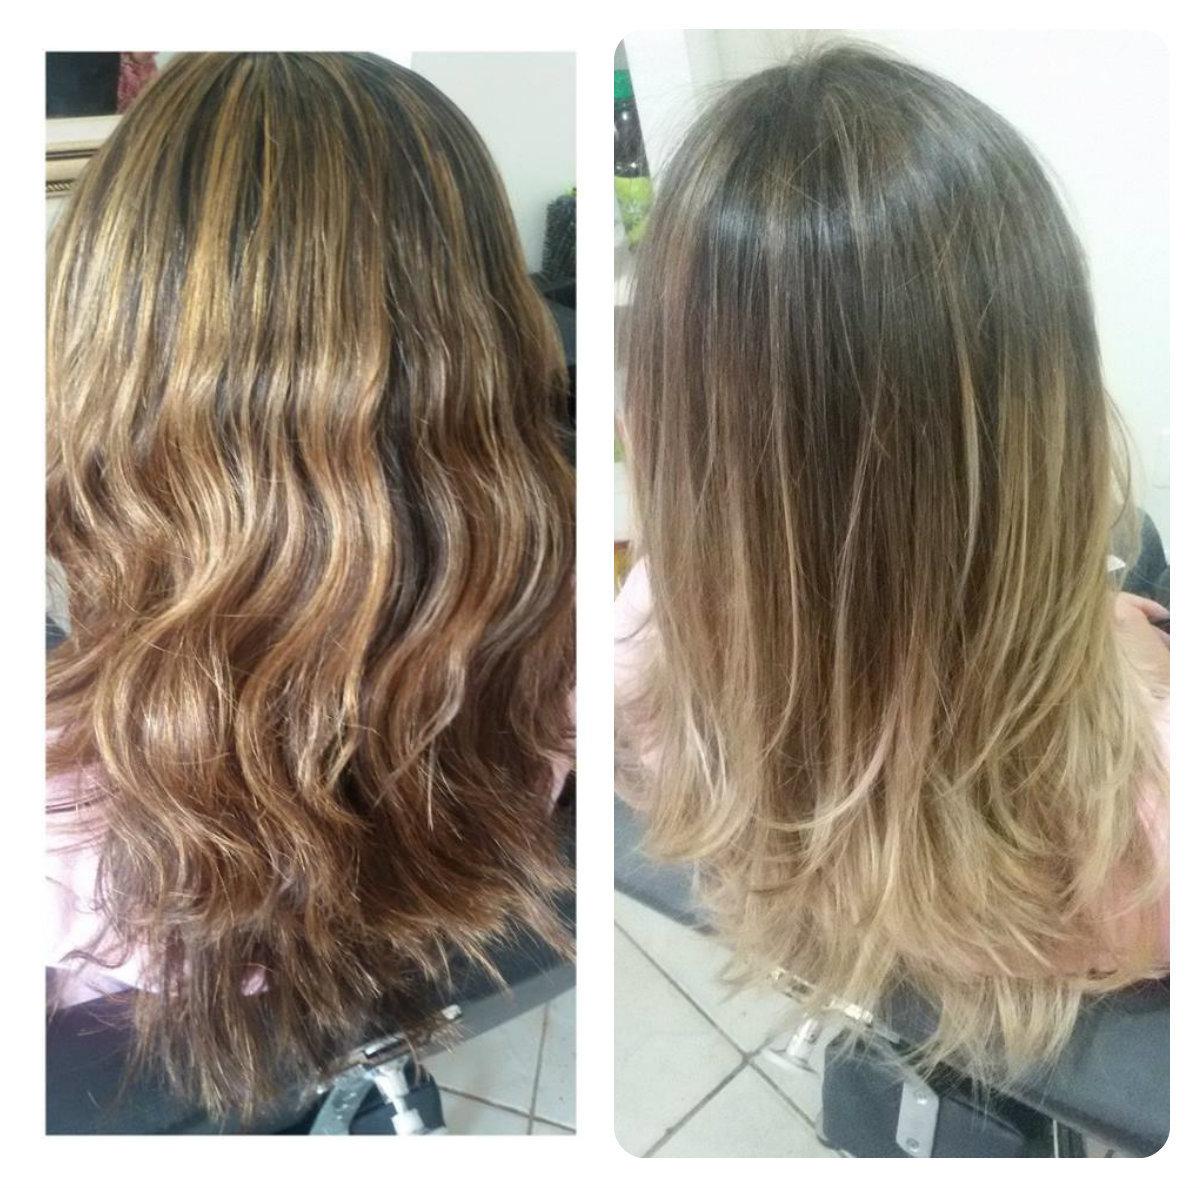 correção para ombré hair o cabelo teve a raiz apagada com tonalizante 5.1 , depois foi feito o trabalho de ombré hair  de mechas desfiadas. cabelo maquiador(a) cabeleireiro(a) designer de sobrancelhas auxiliar cabeleireiro(a)